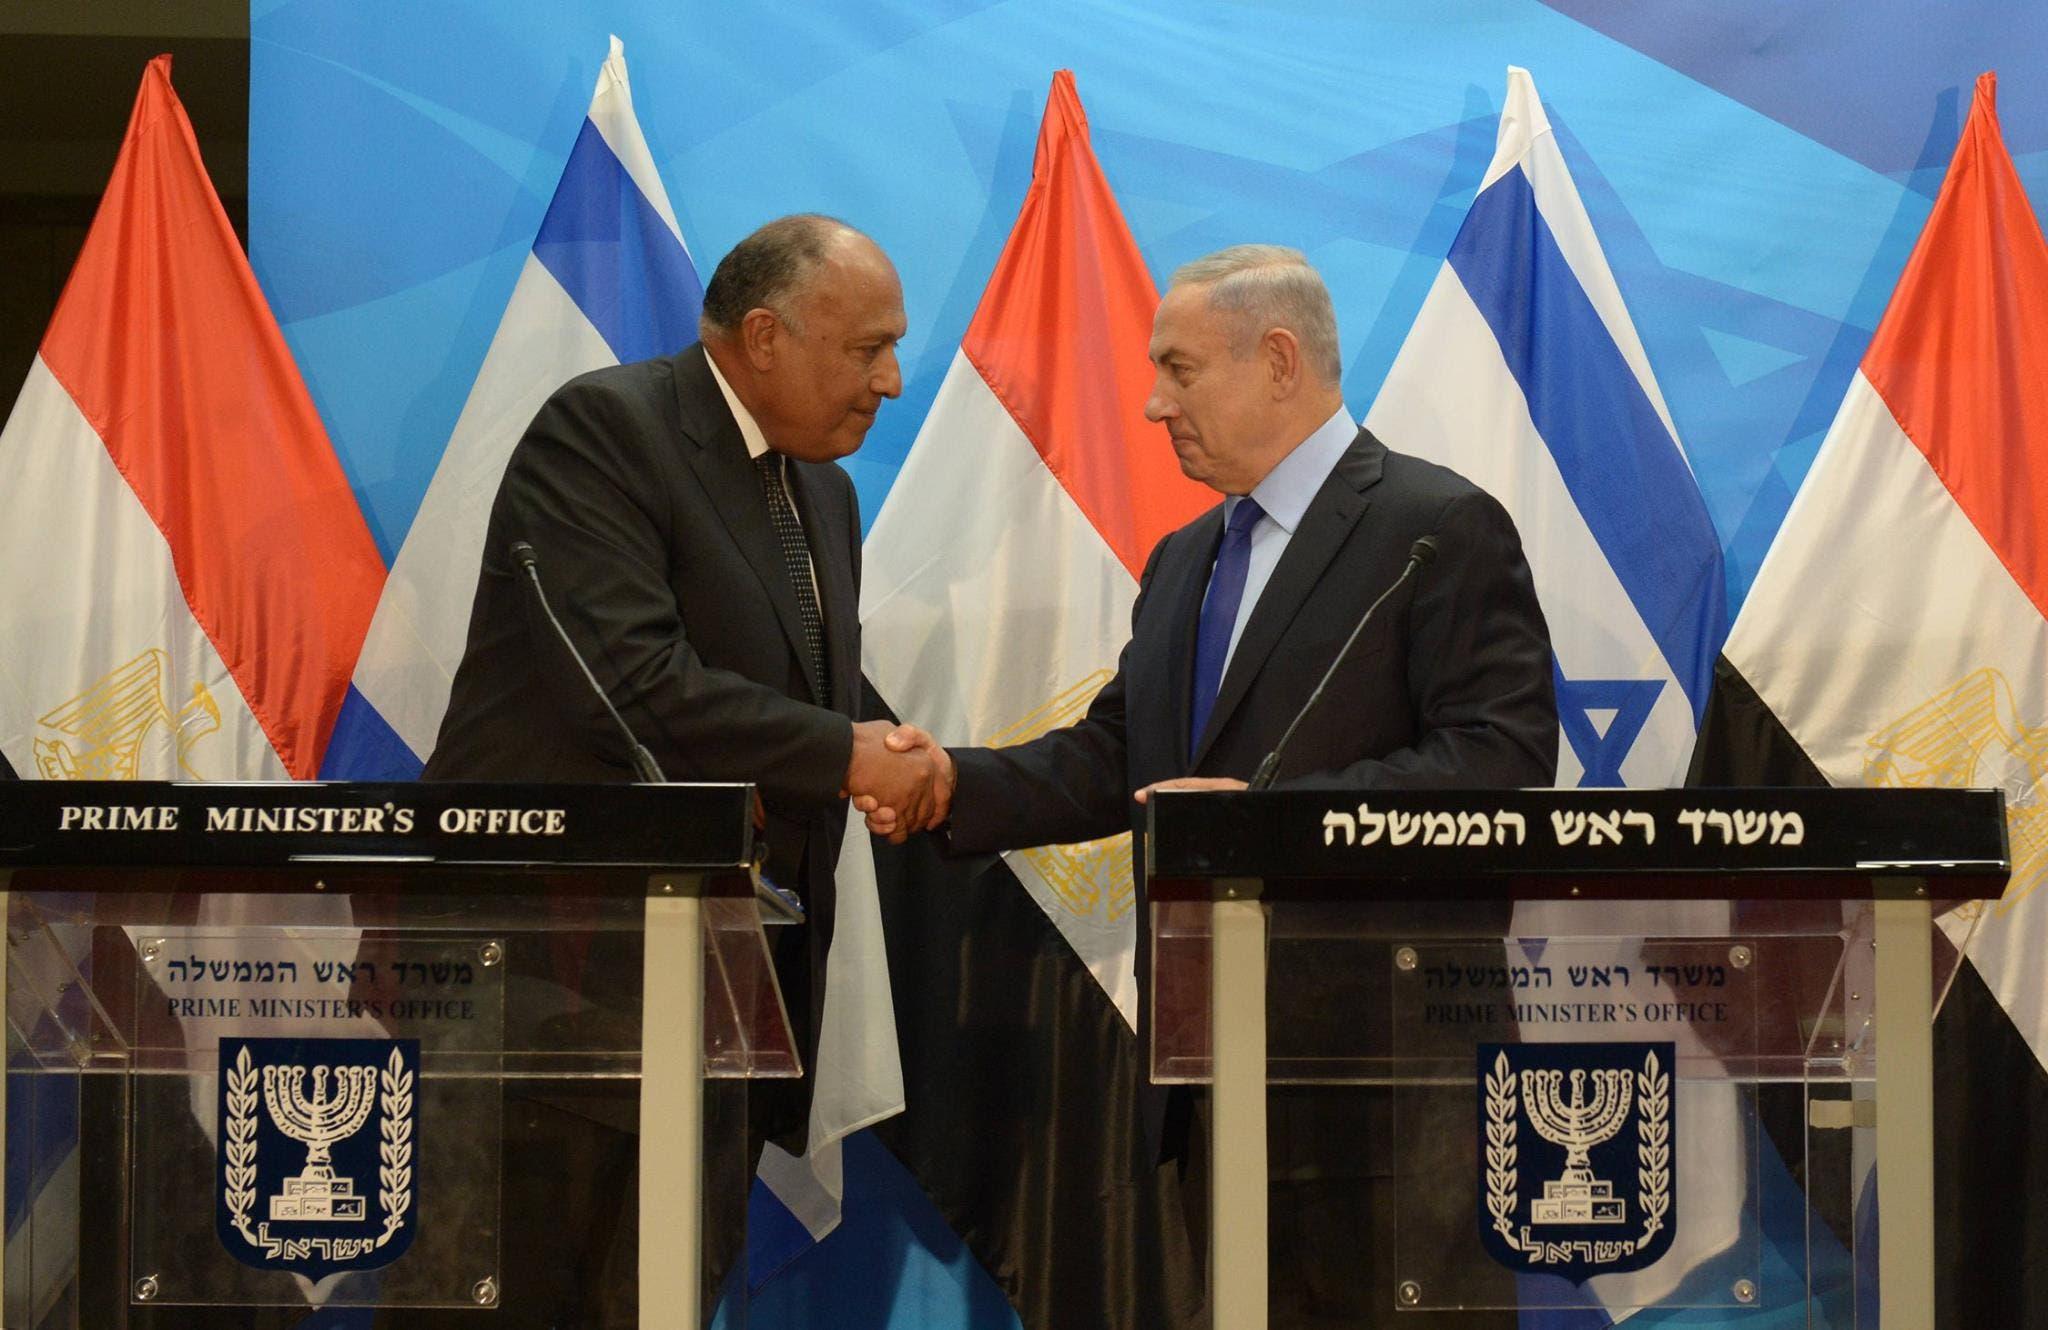 شكري ونتنياهو يتصافحان خلال المؤتمر الصحافي في تل أبيب